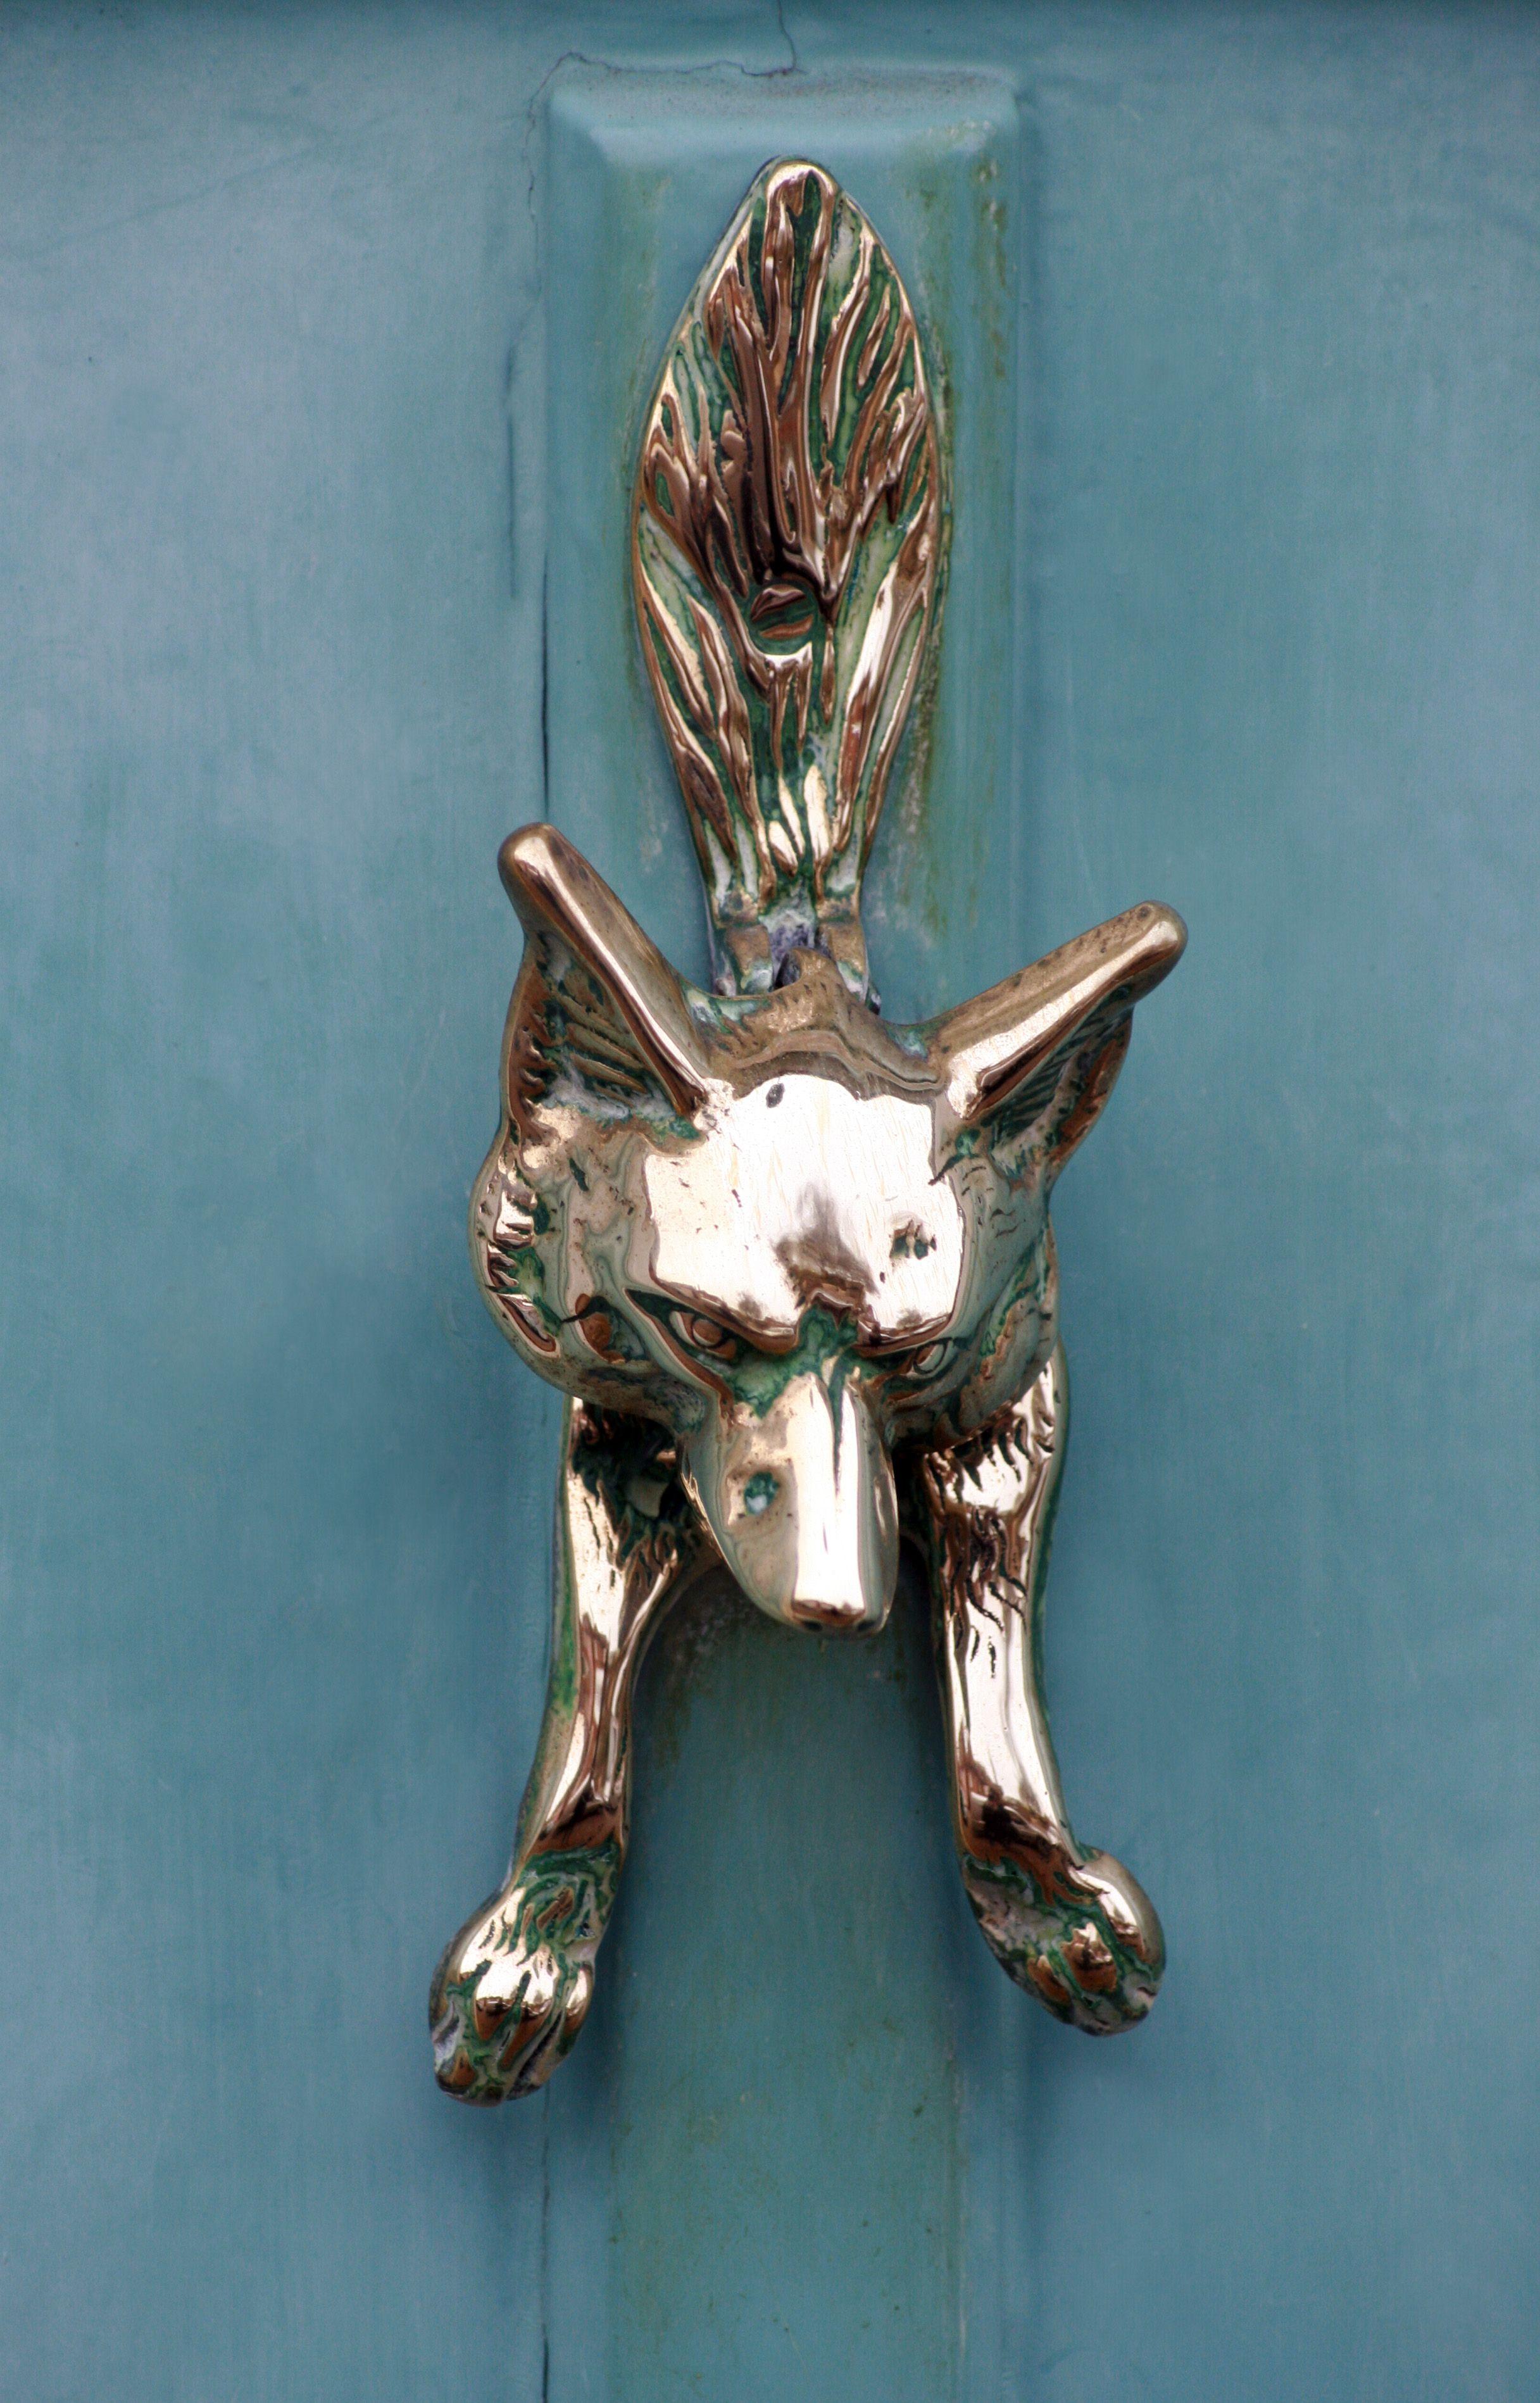 Foxy door knocker door knockers unique door knobs and knockers porch doors house